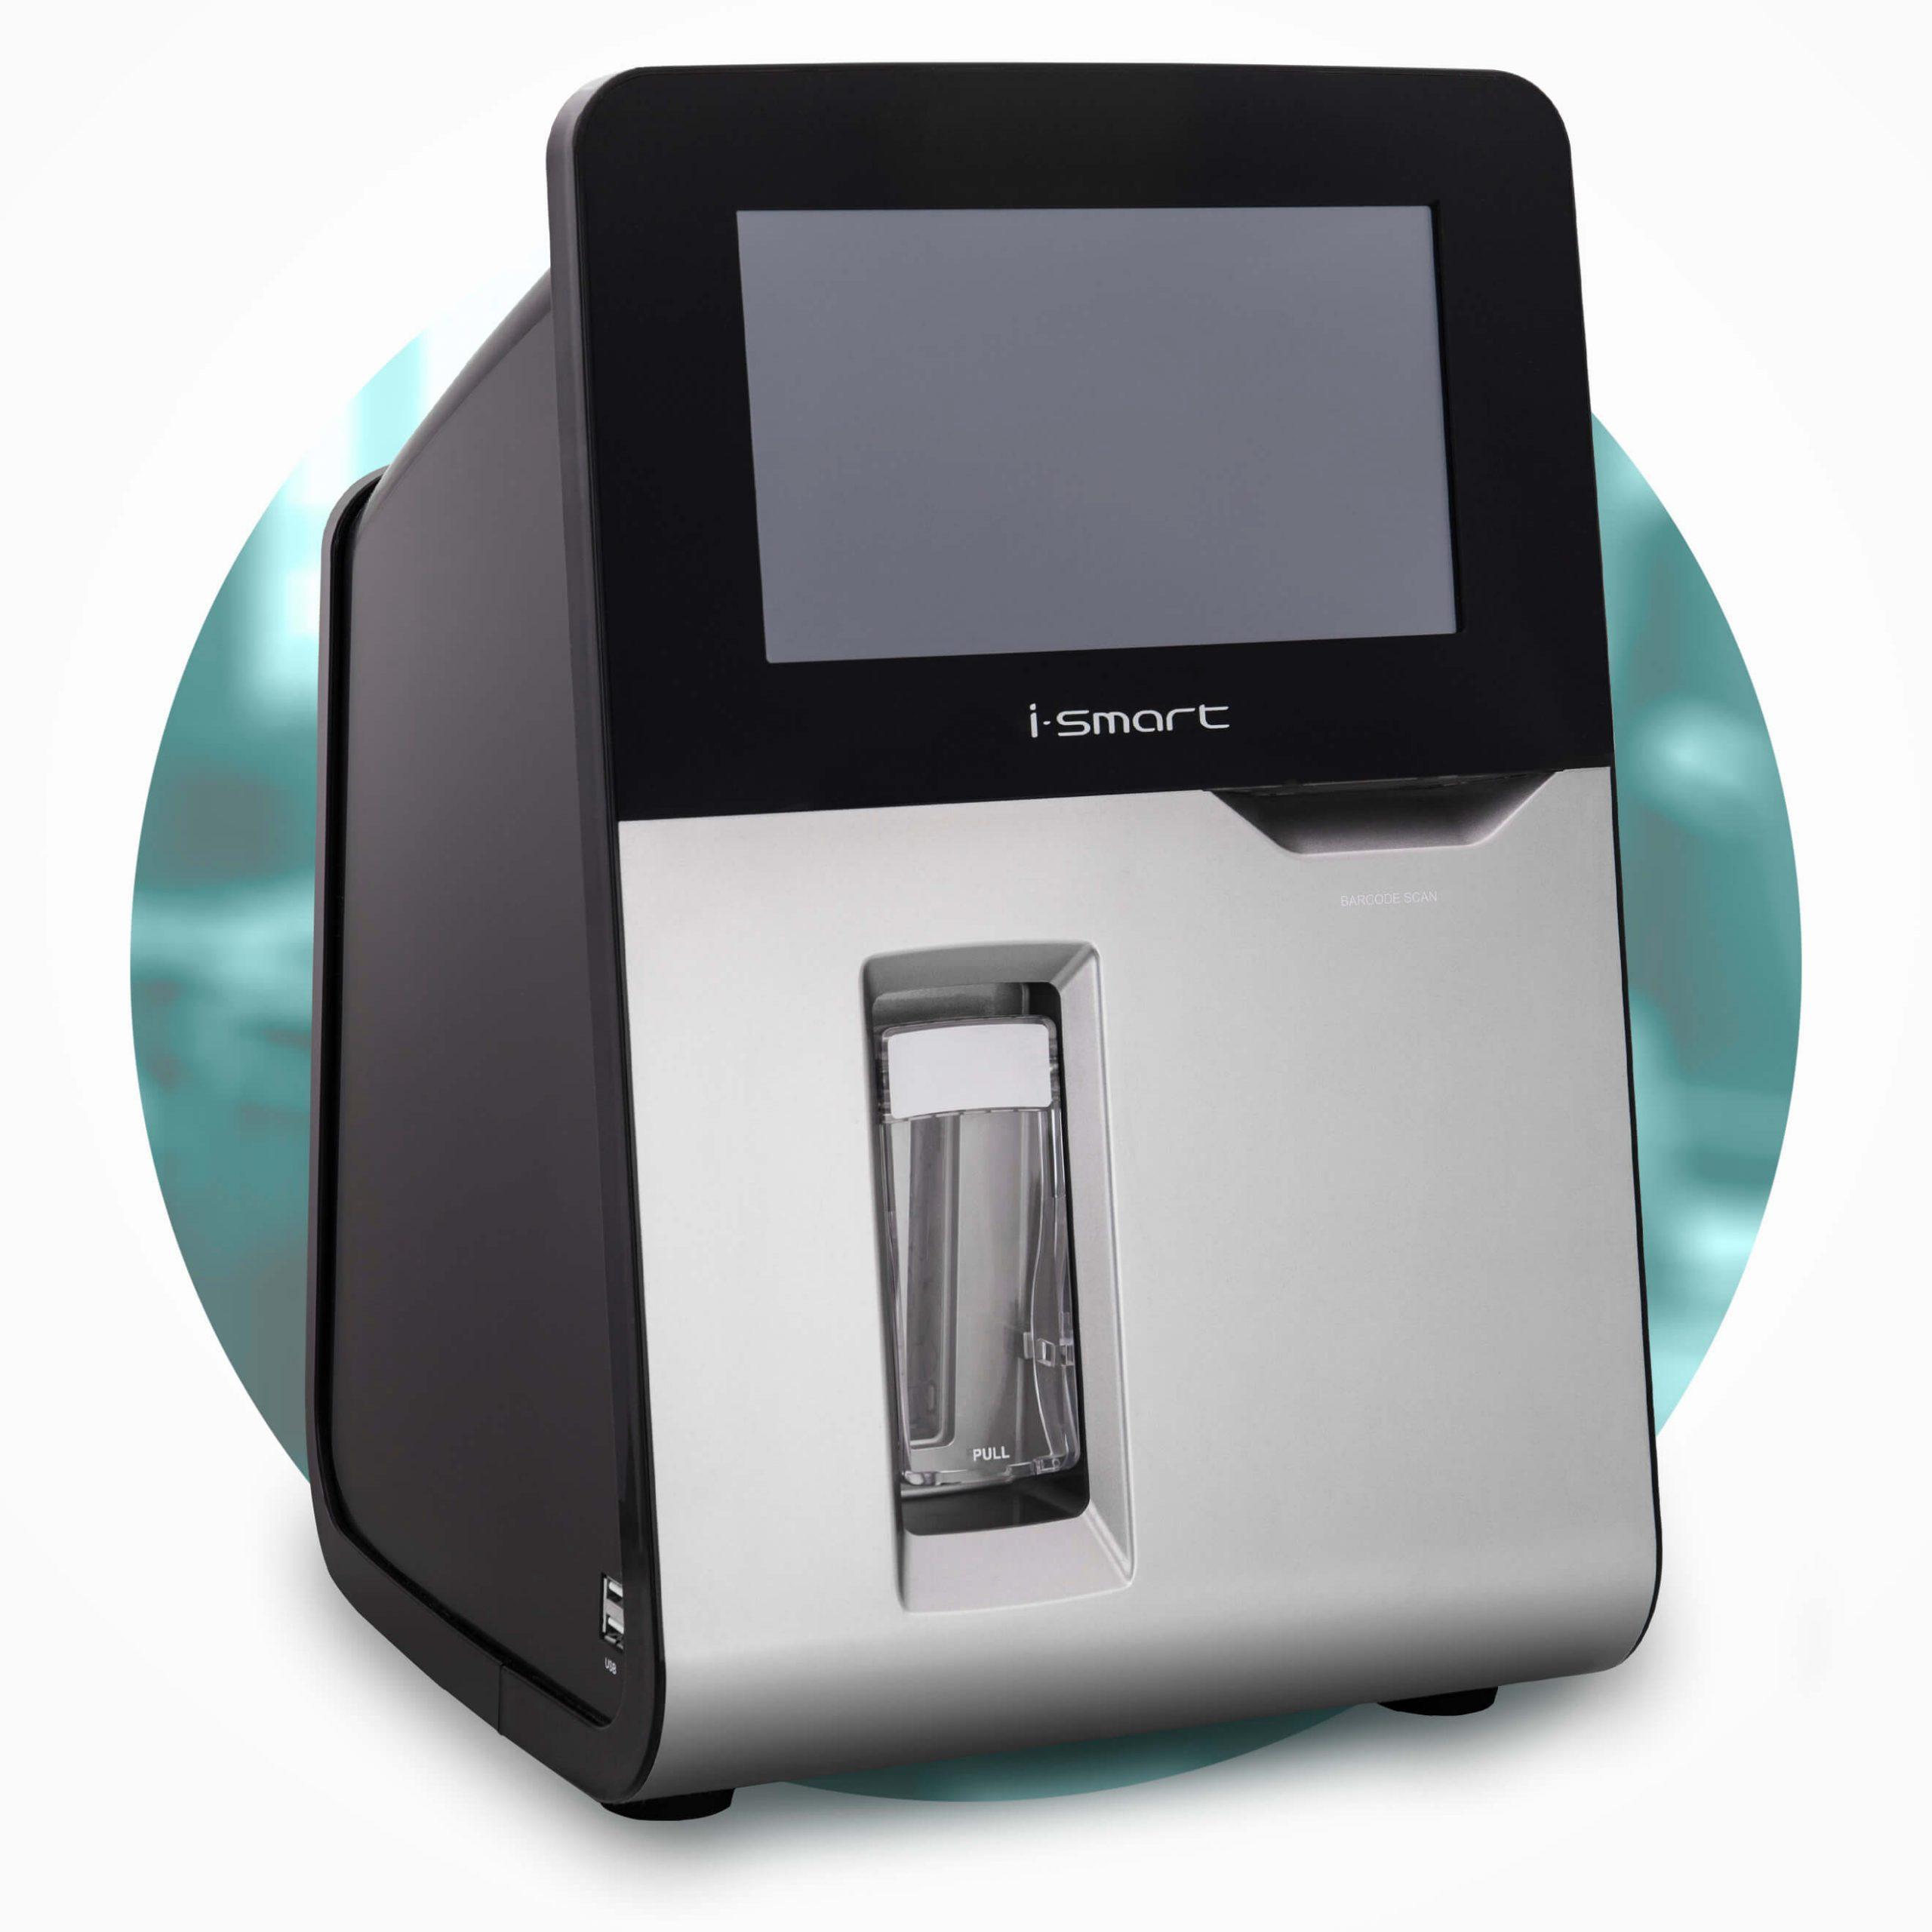 i-smart blood gaz analyzer